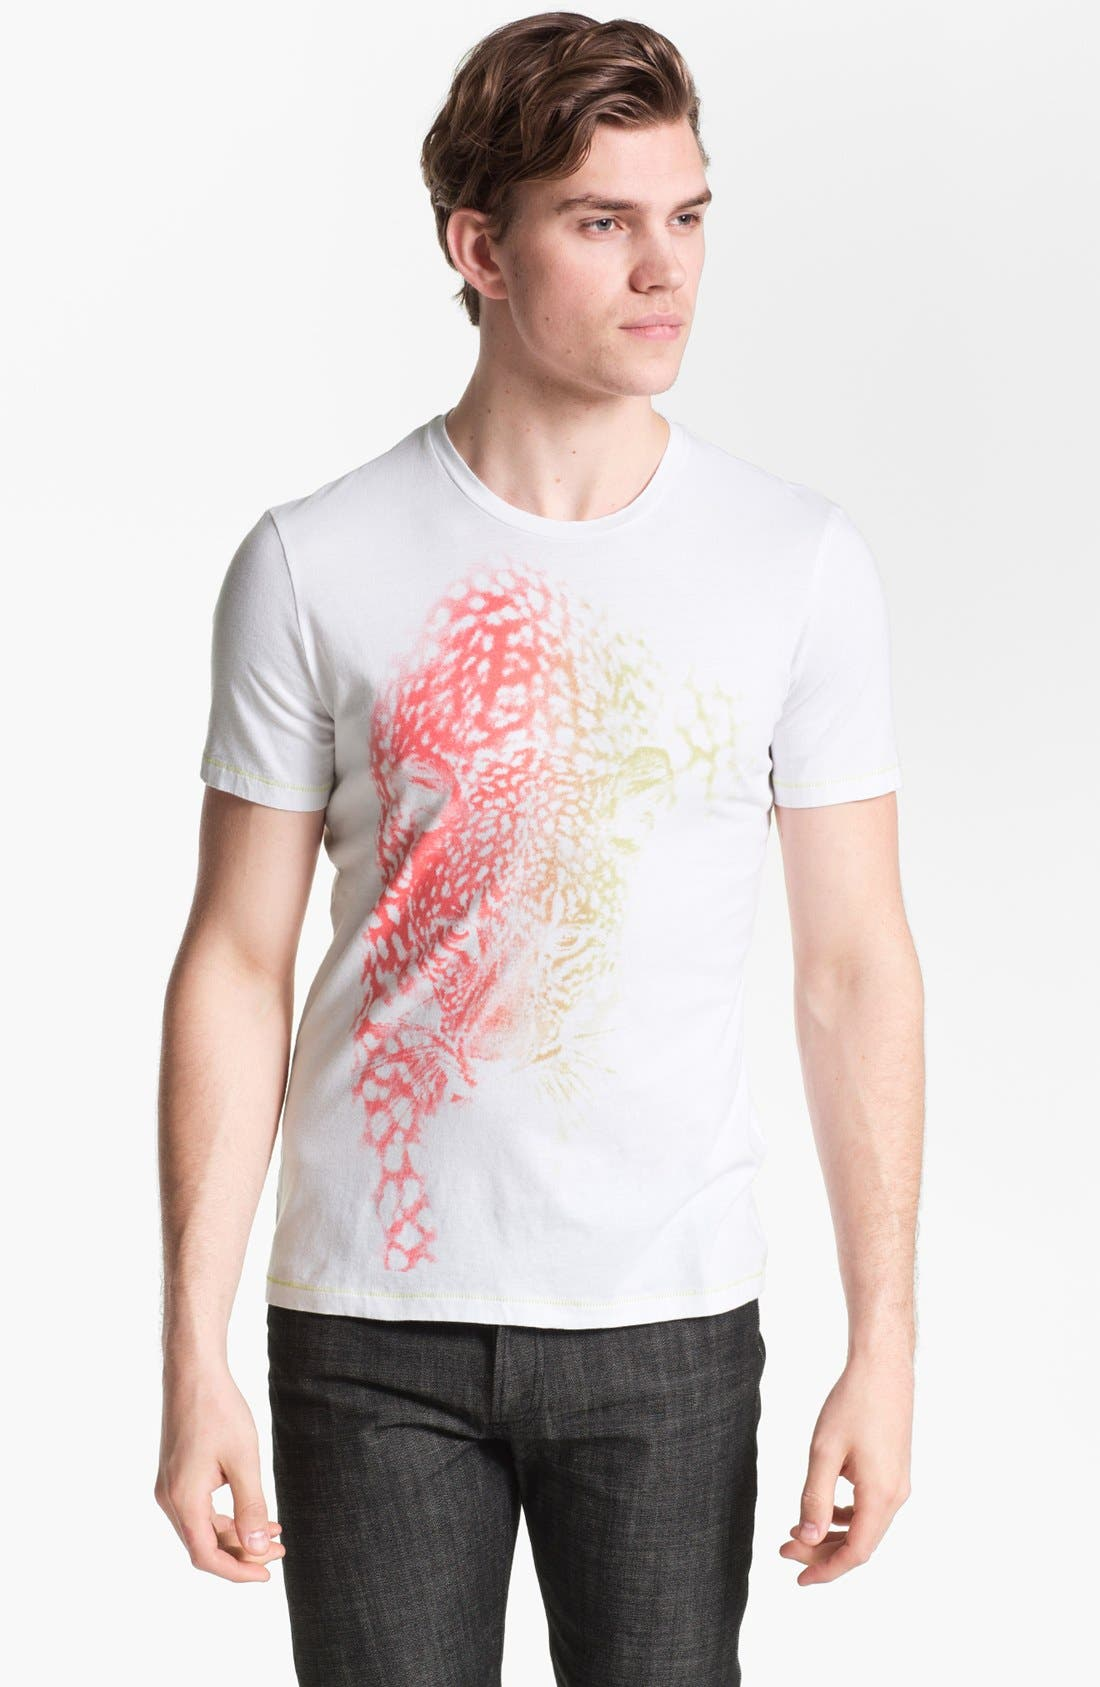 Main Image - Just Cavalli Cheetah Graphic T-Shirt